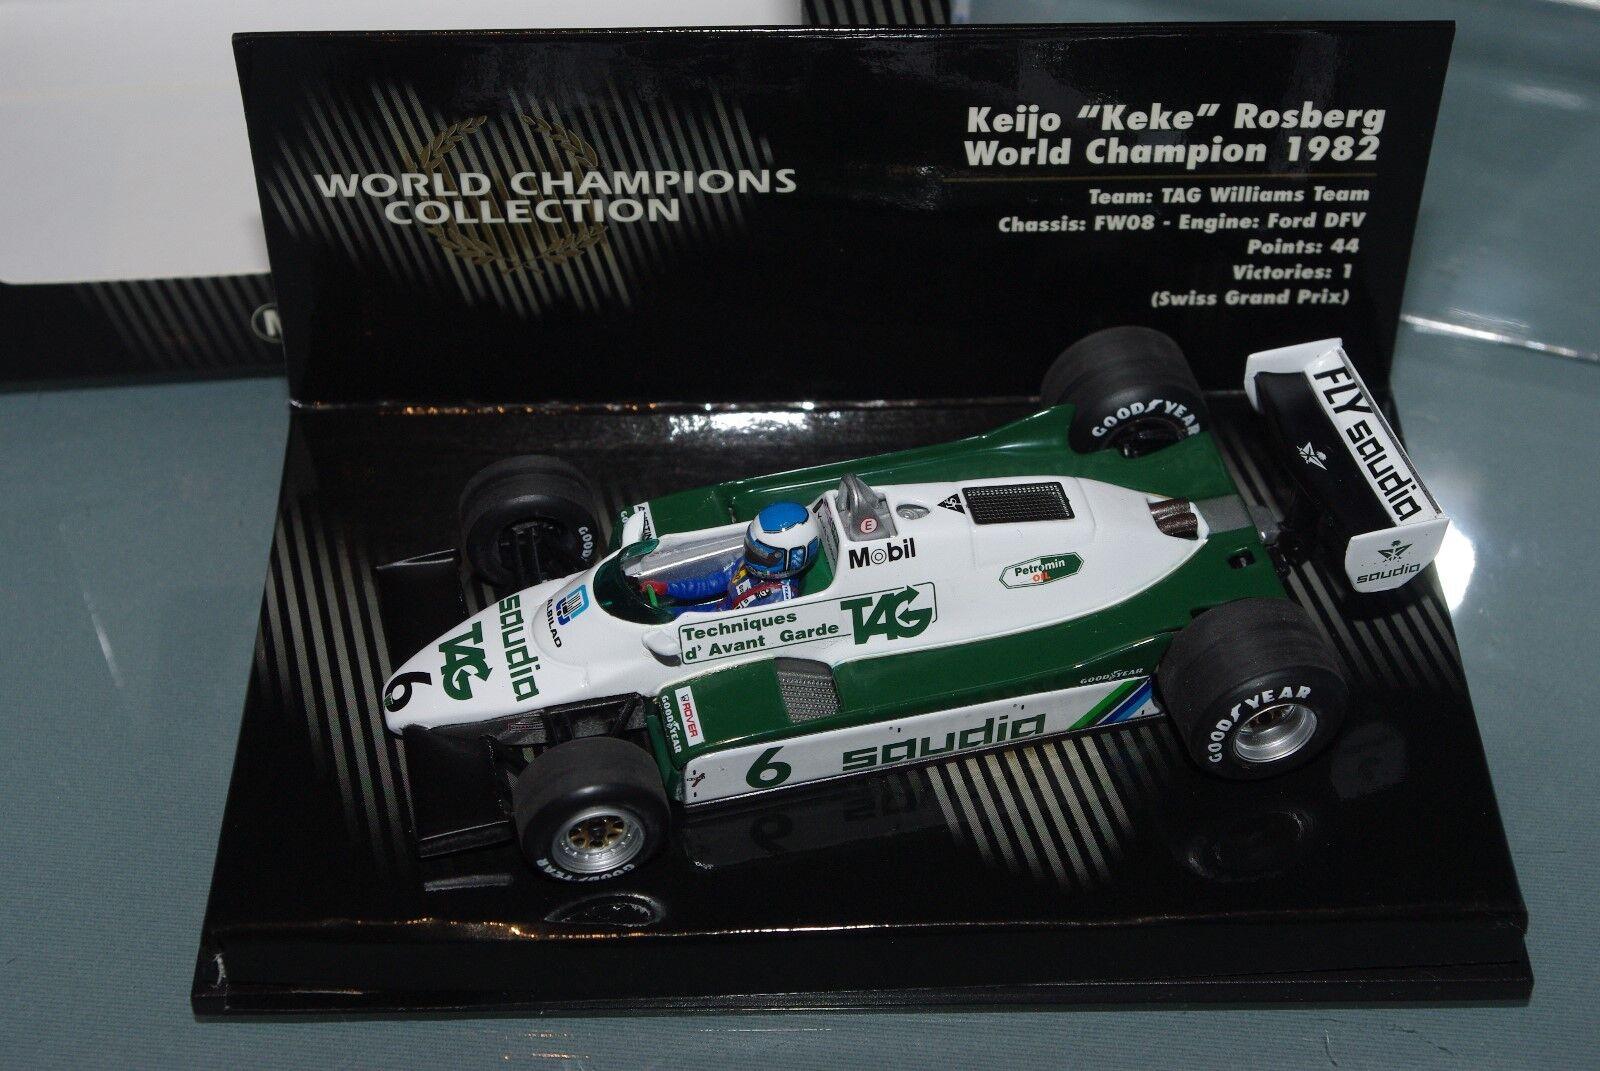 Minichamps 1 43 F1 FW08 Keke Rosberg Williams 1982-Colección de campeones del mundo